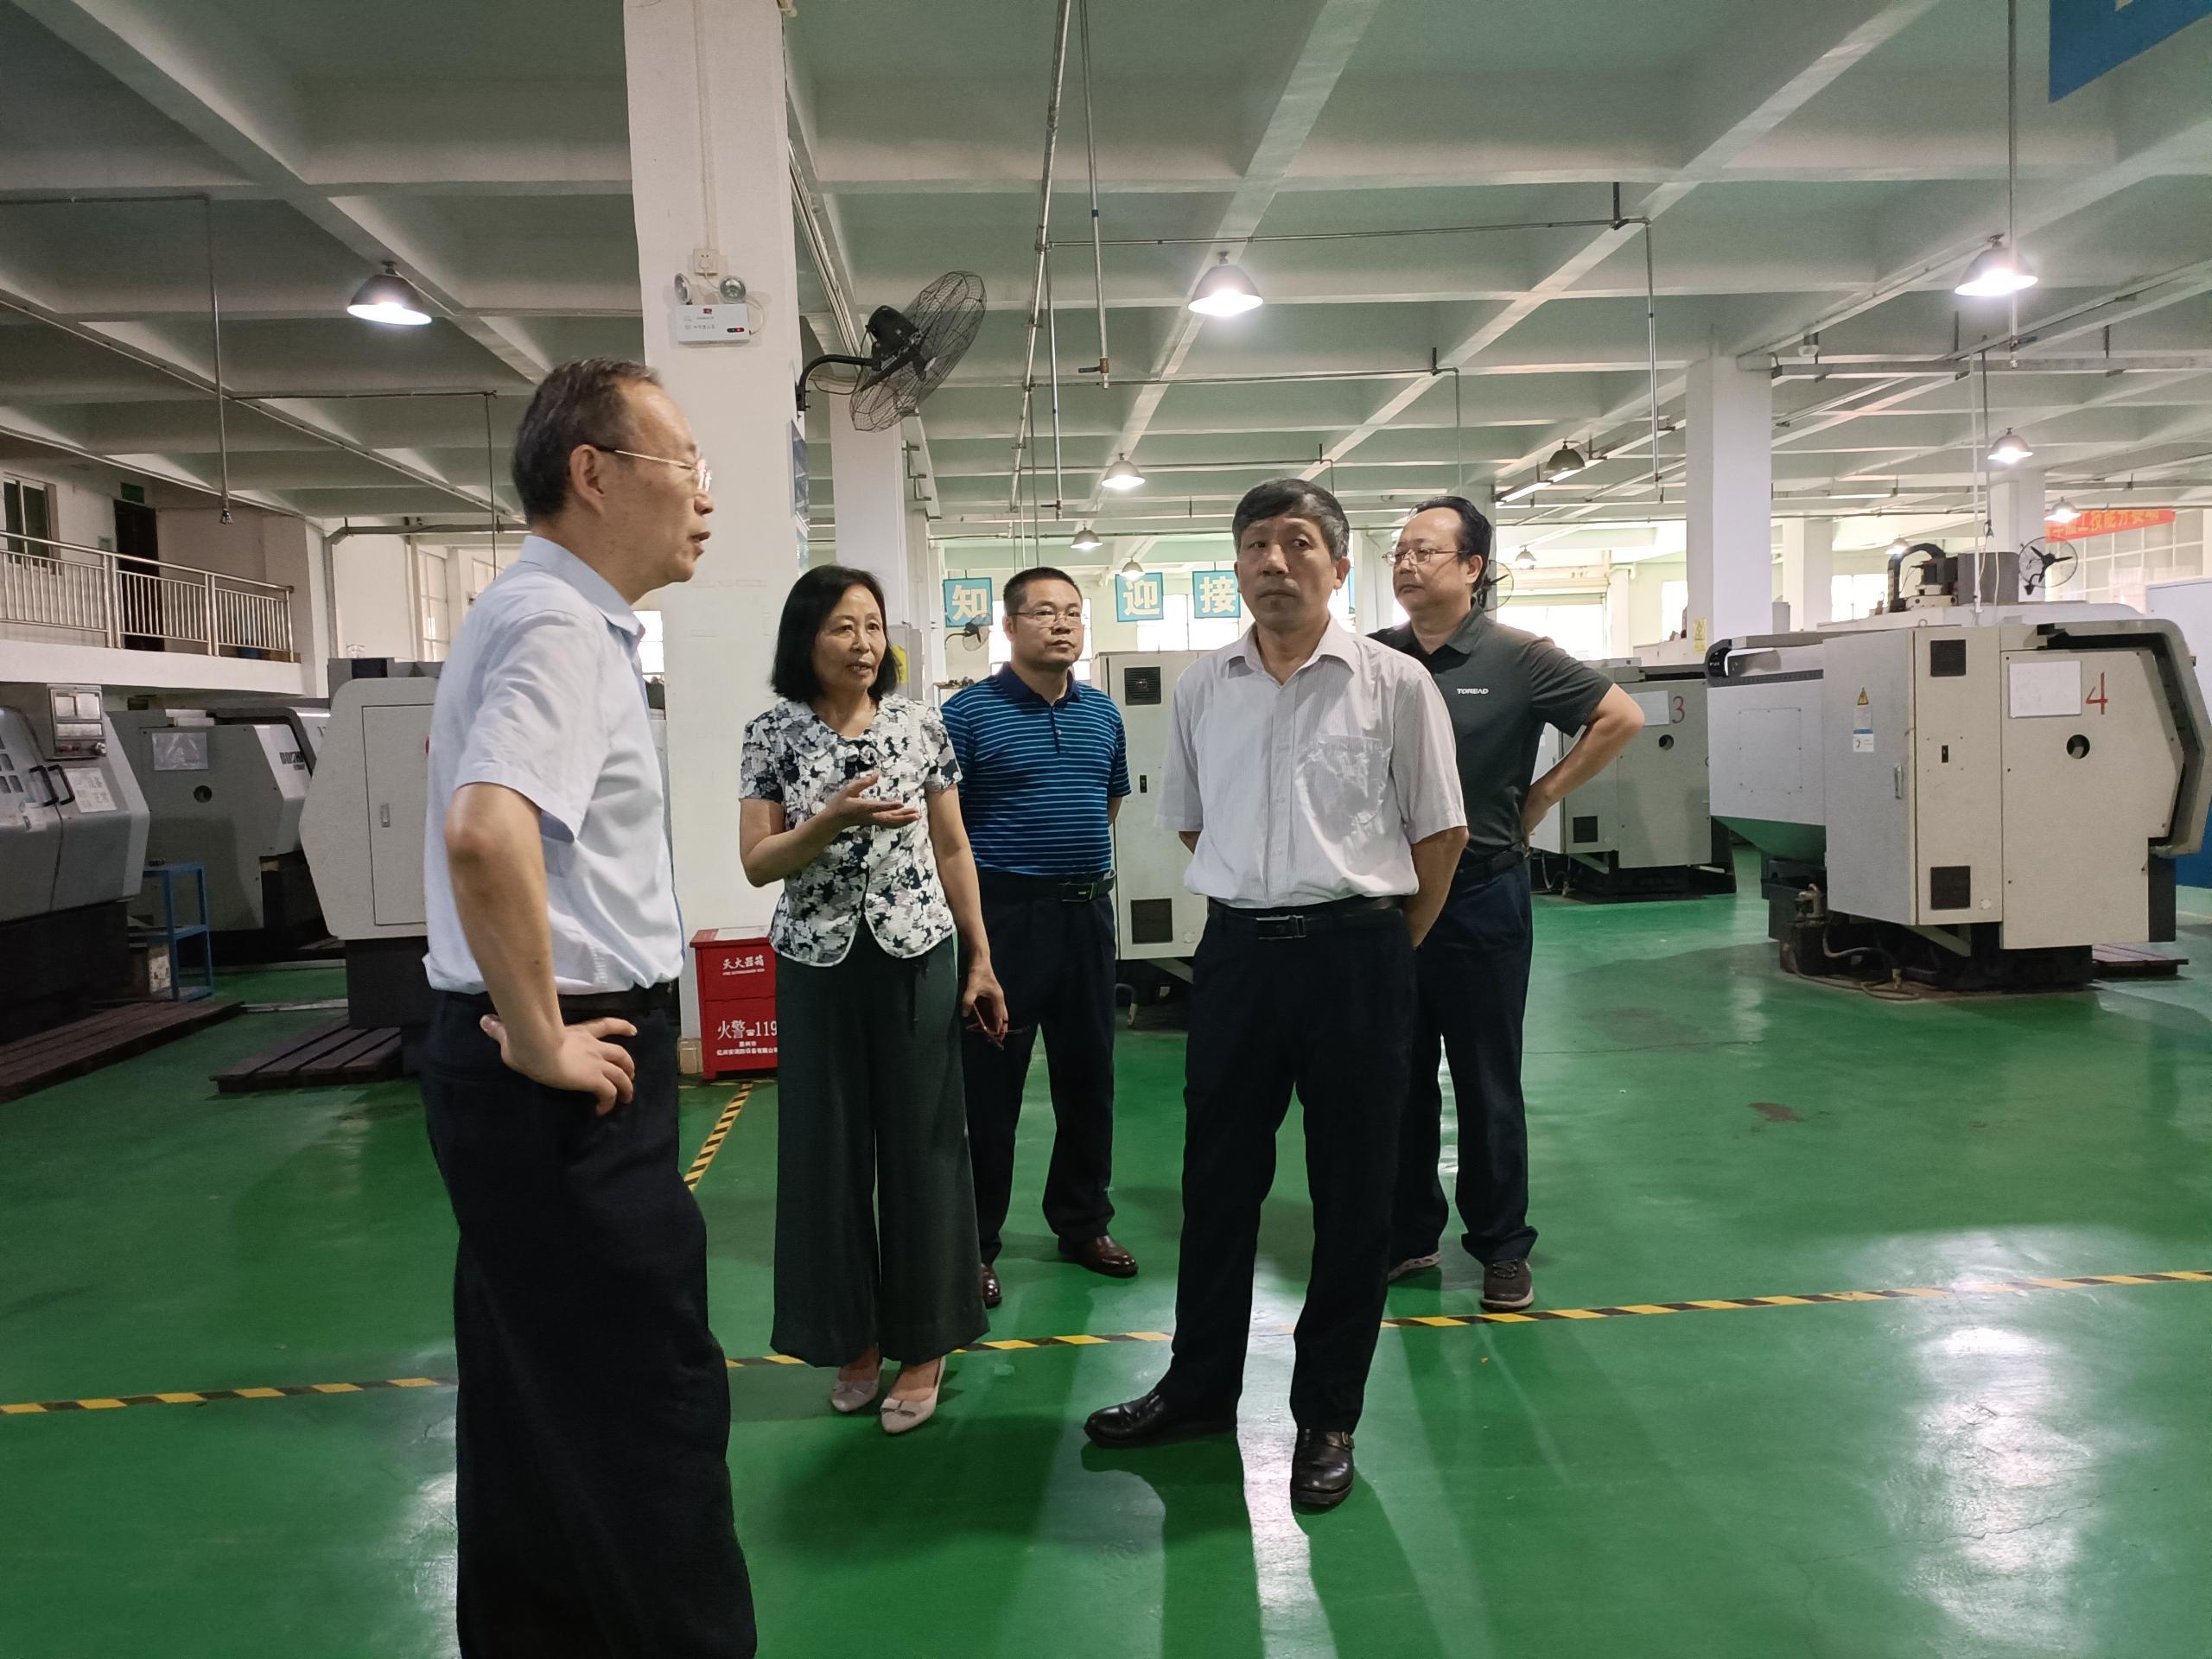 广东省民办教育协会会长赵康一行莅临我院参观指导实训室工作